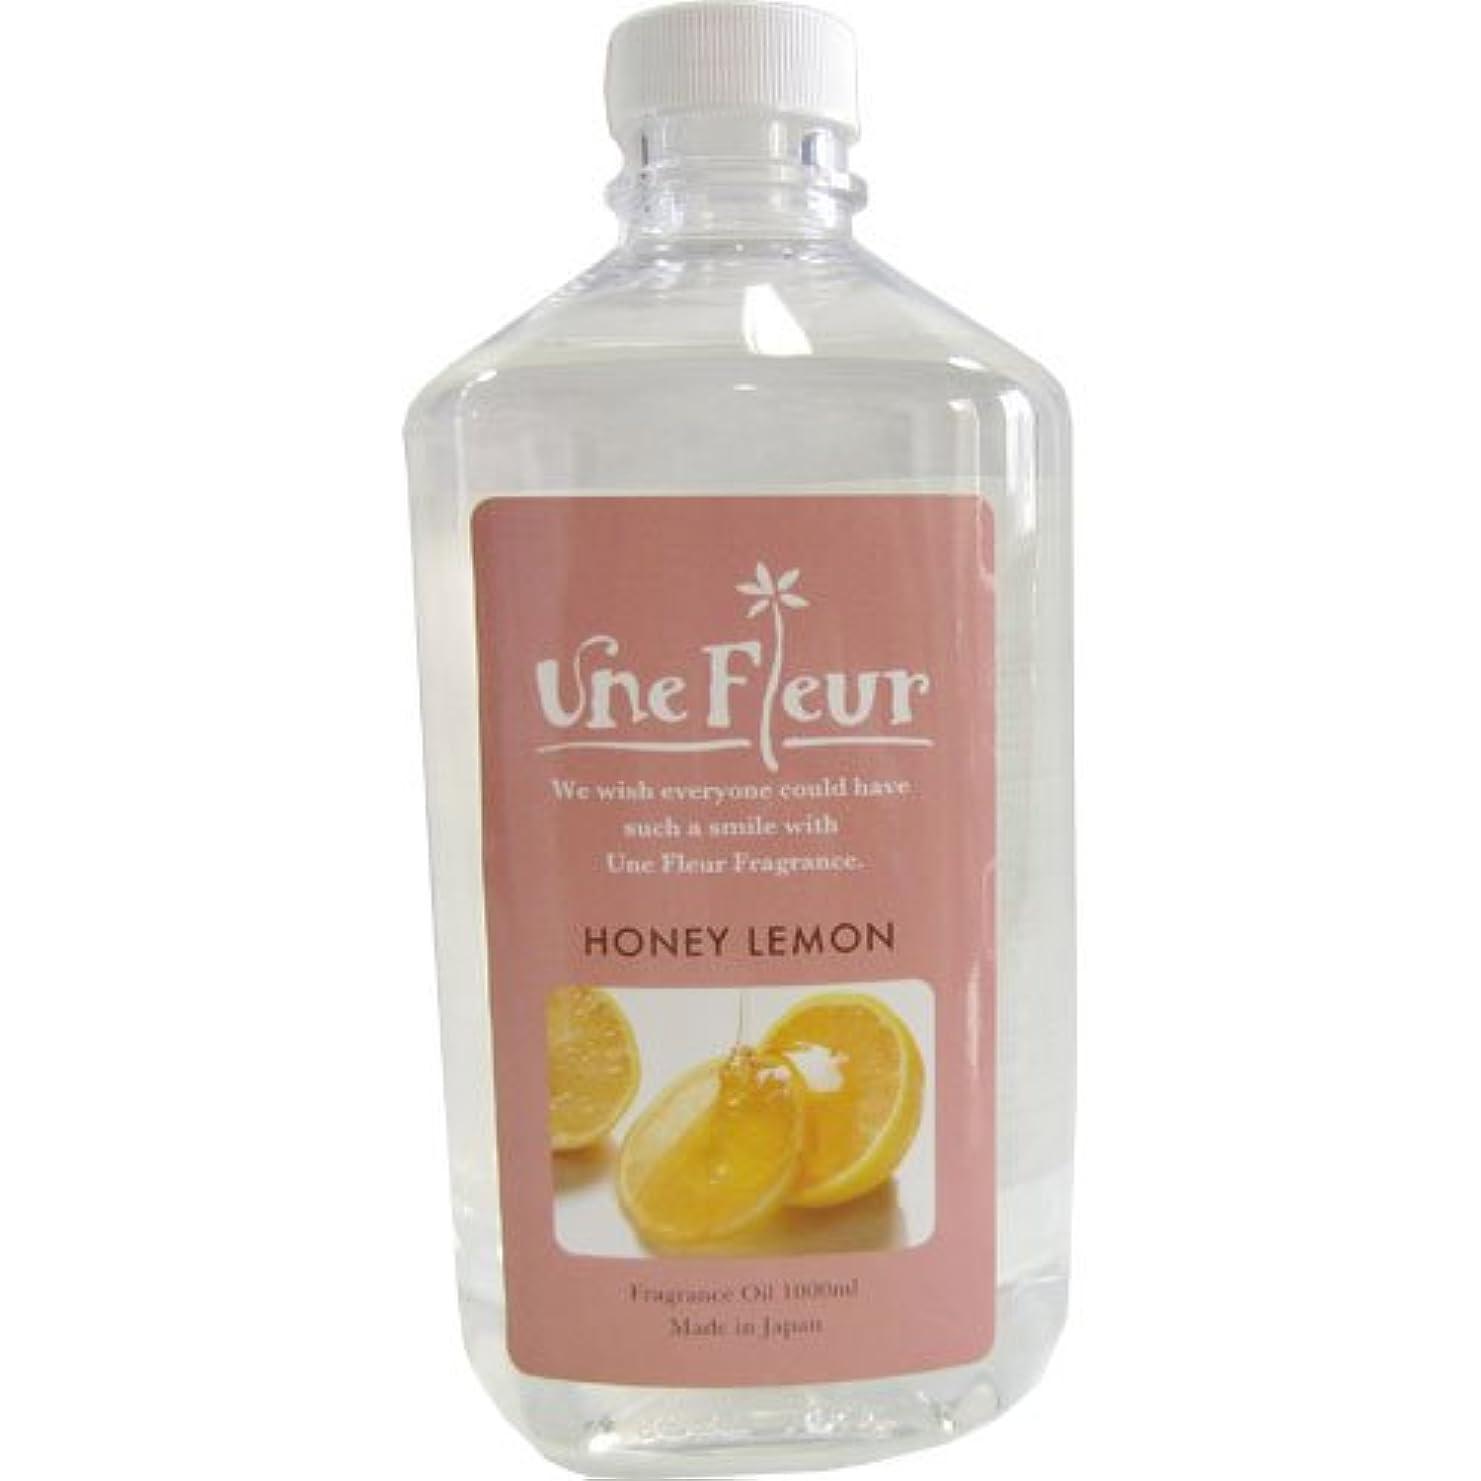 プレミアムコンチネンタル高音UF UFフレグランスオイルハニーレモン 1L